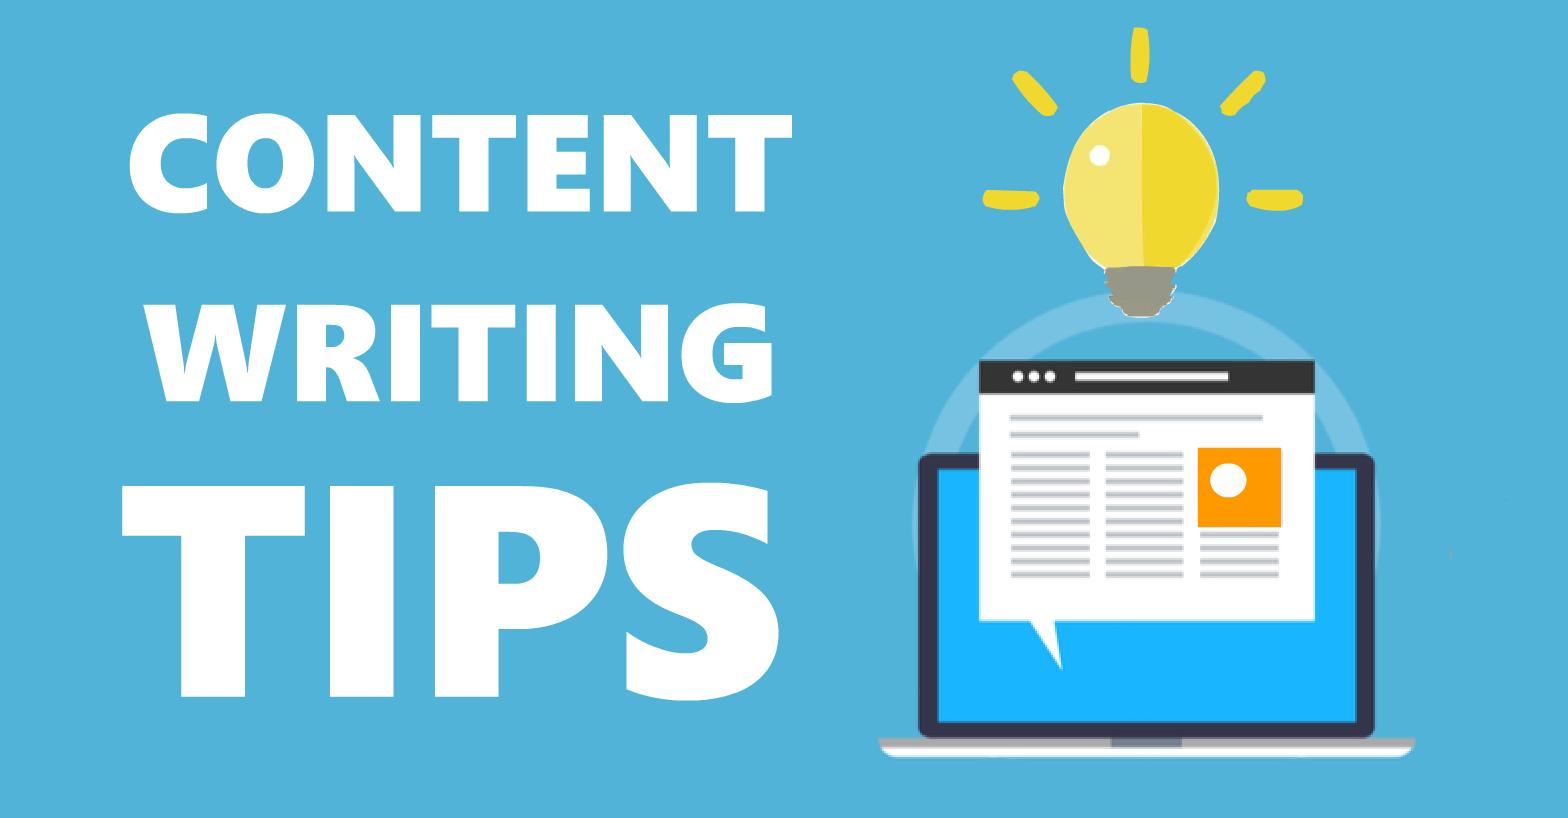 كيف تبدأ كتابة محتوى مميز: دليل خطوة بخطوة